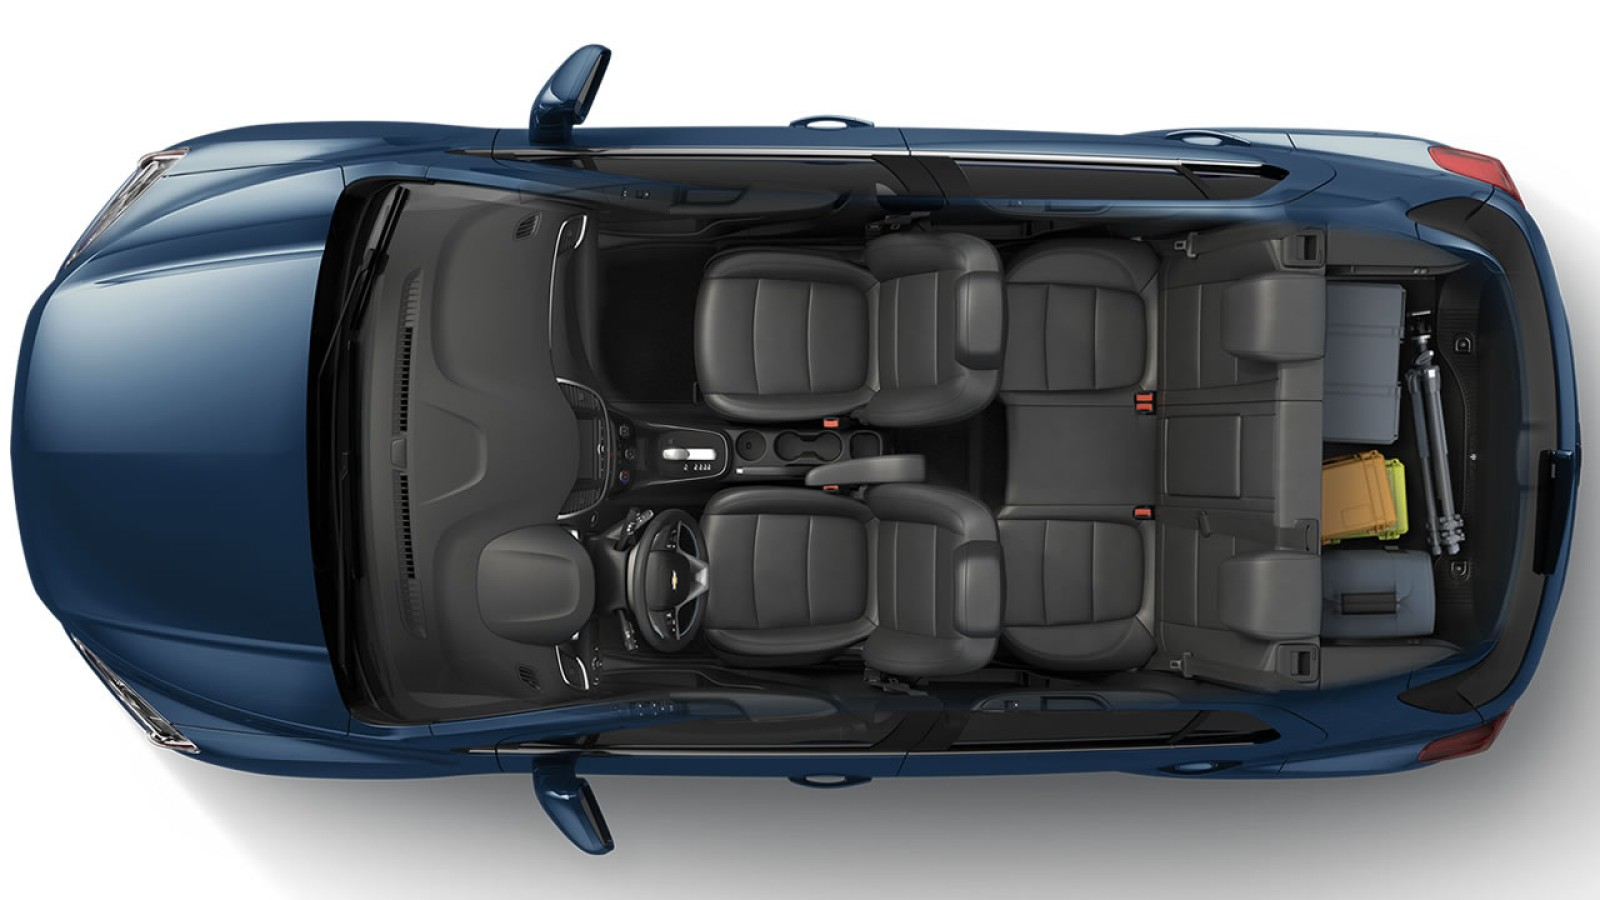 Chevrolet Trax 2017 >> Chevrolet Trax 2018 llega a México con 4G LTE, aquí precios y versiones - Autos Actual México